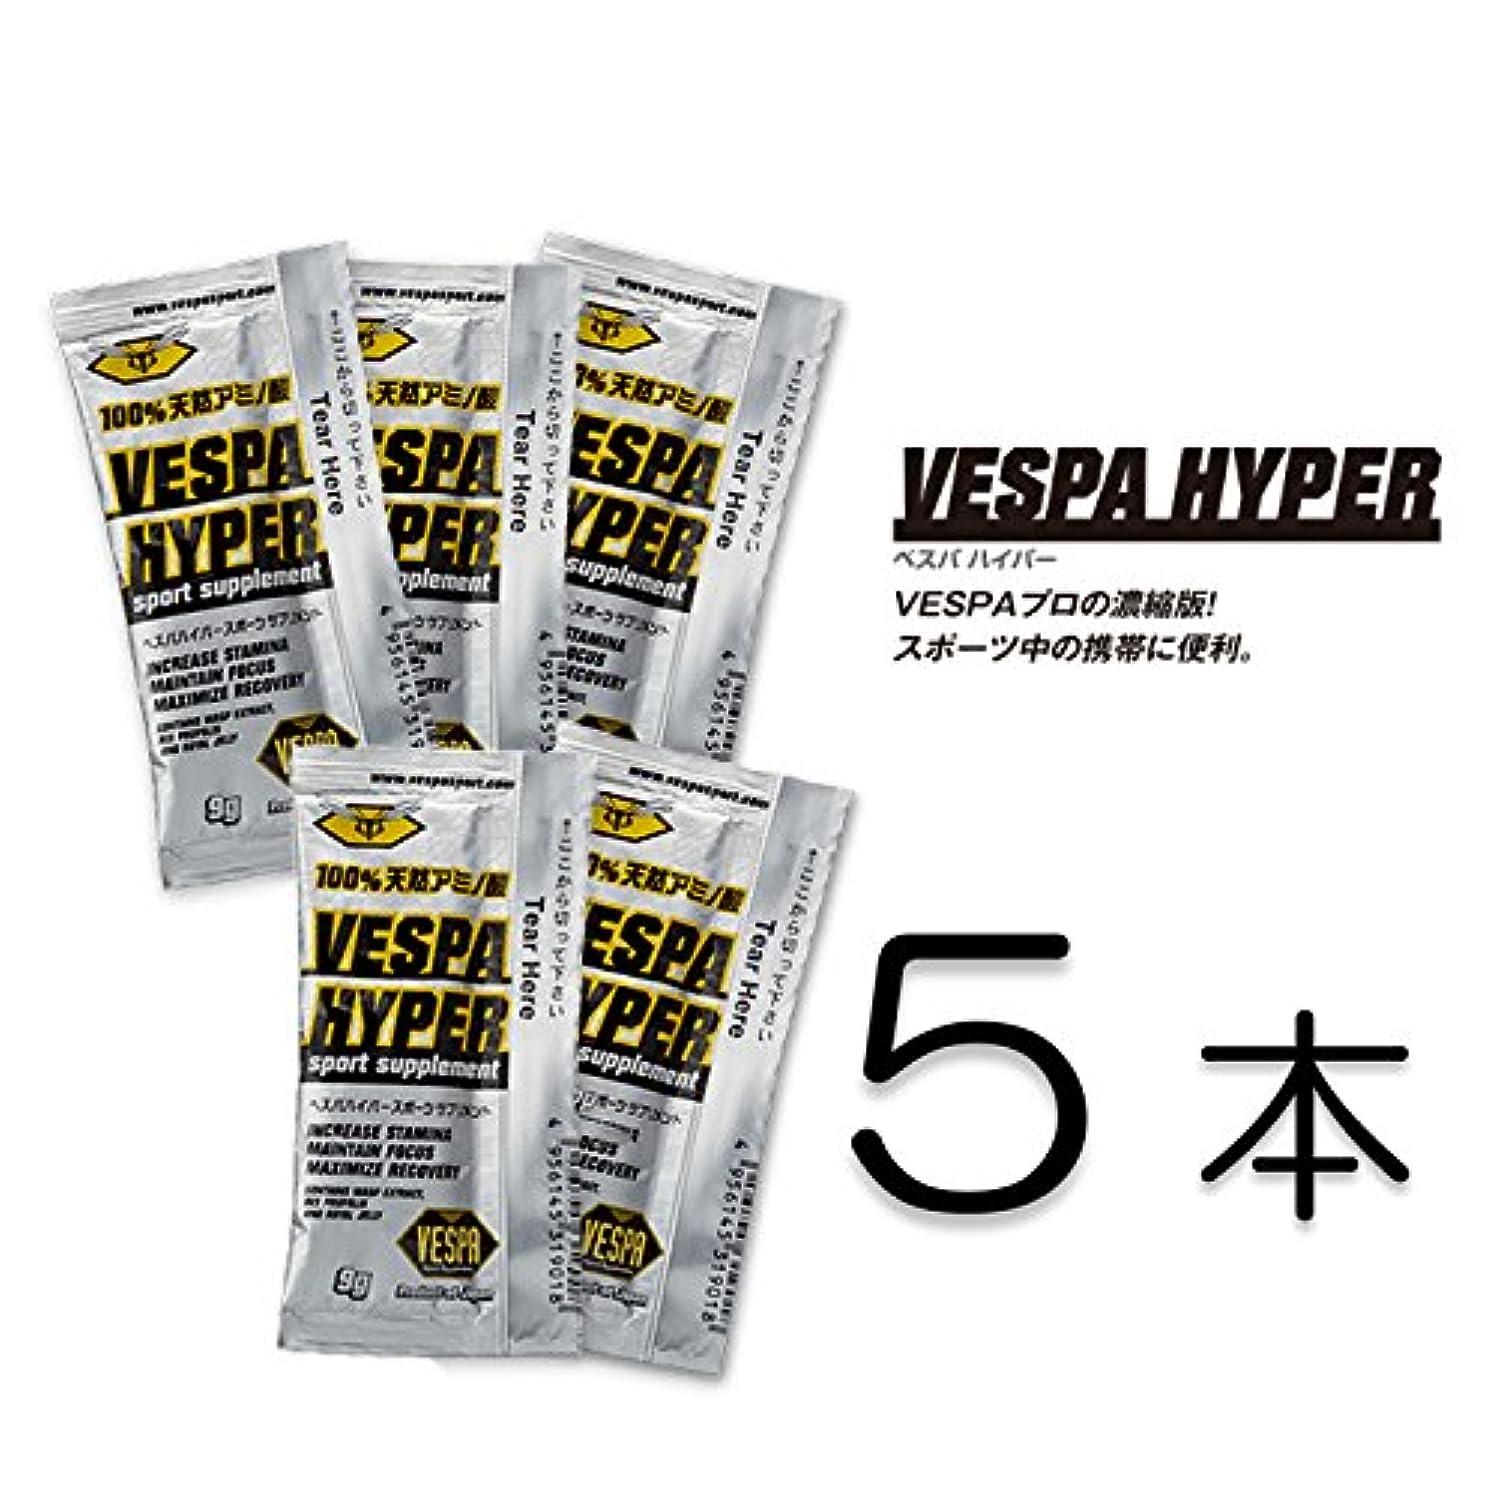 挨拶キネマティクス最後にVESPA SPORTS(ヴェスパスポーツ) VESPA HYPER 9g(5本)